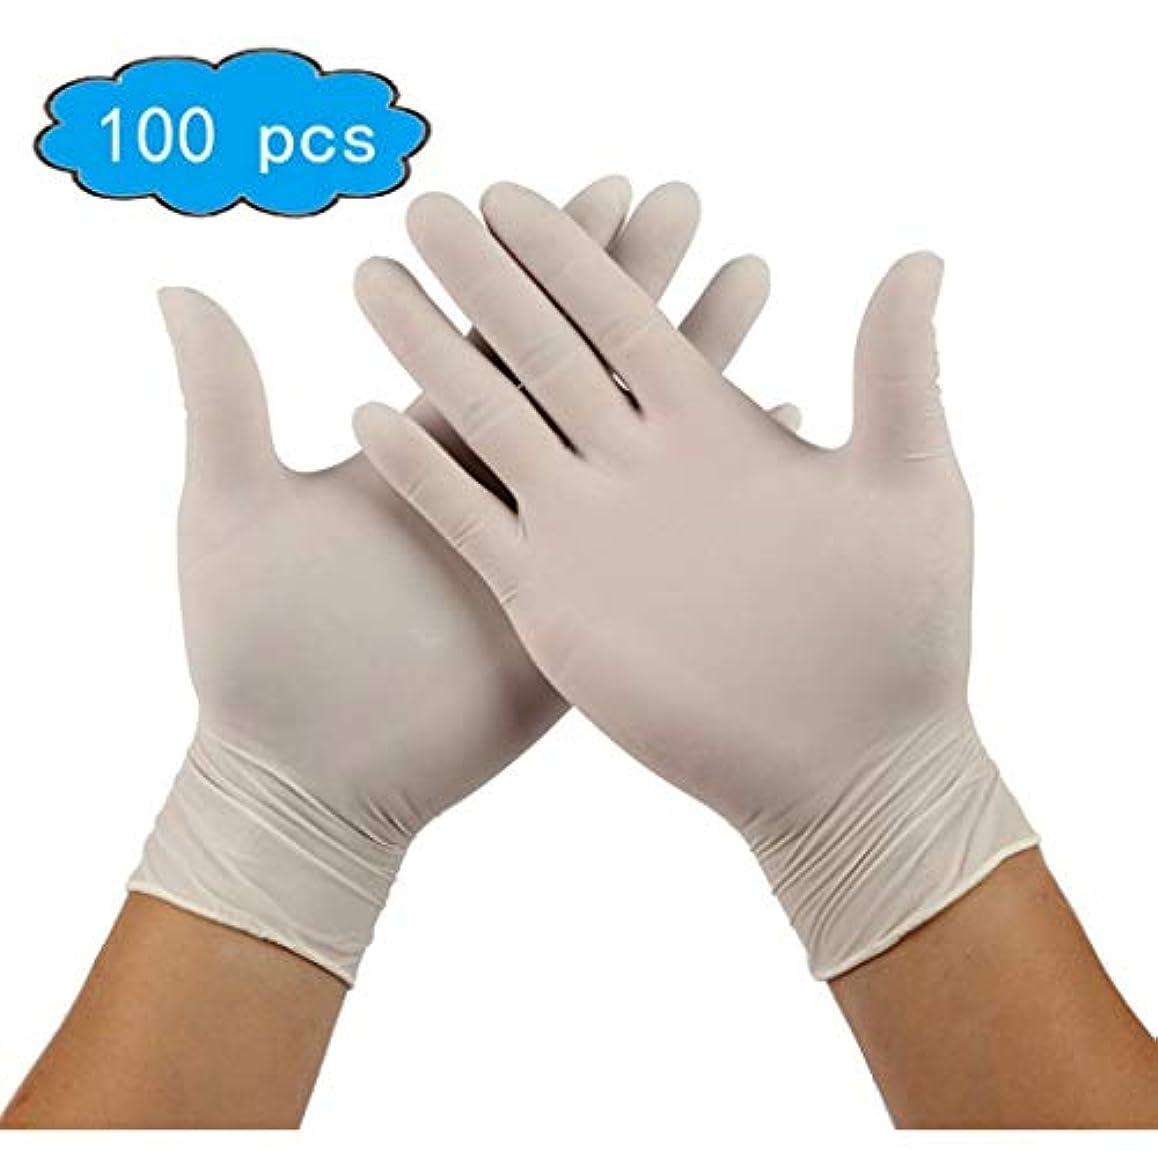 帳面香港余裕がある100 XS-XLサイズの使い捨てラテックス手袋、パウダーフリー、スムースタッチ、食品サービスグレード、使い捨て手袋食品 (Color : White, Size : L)